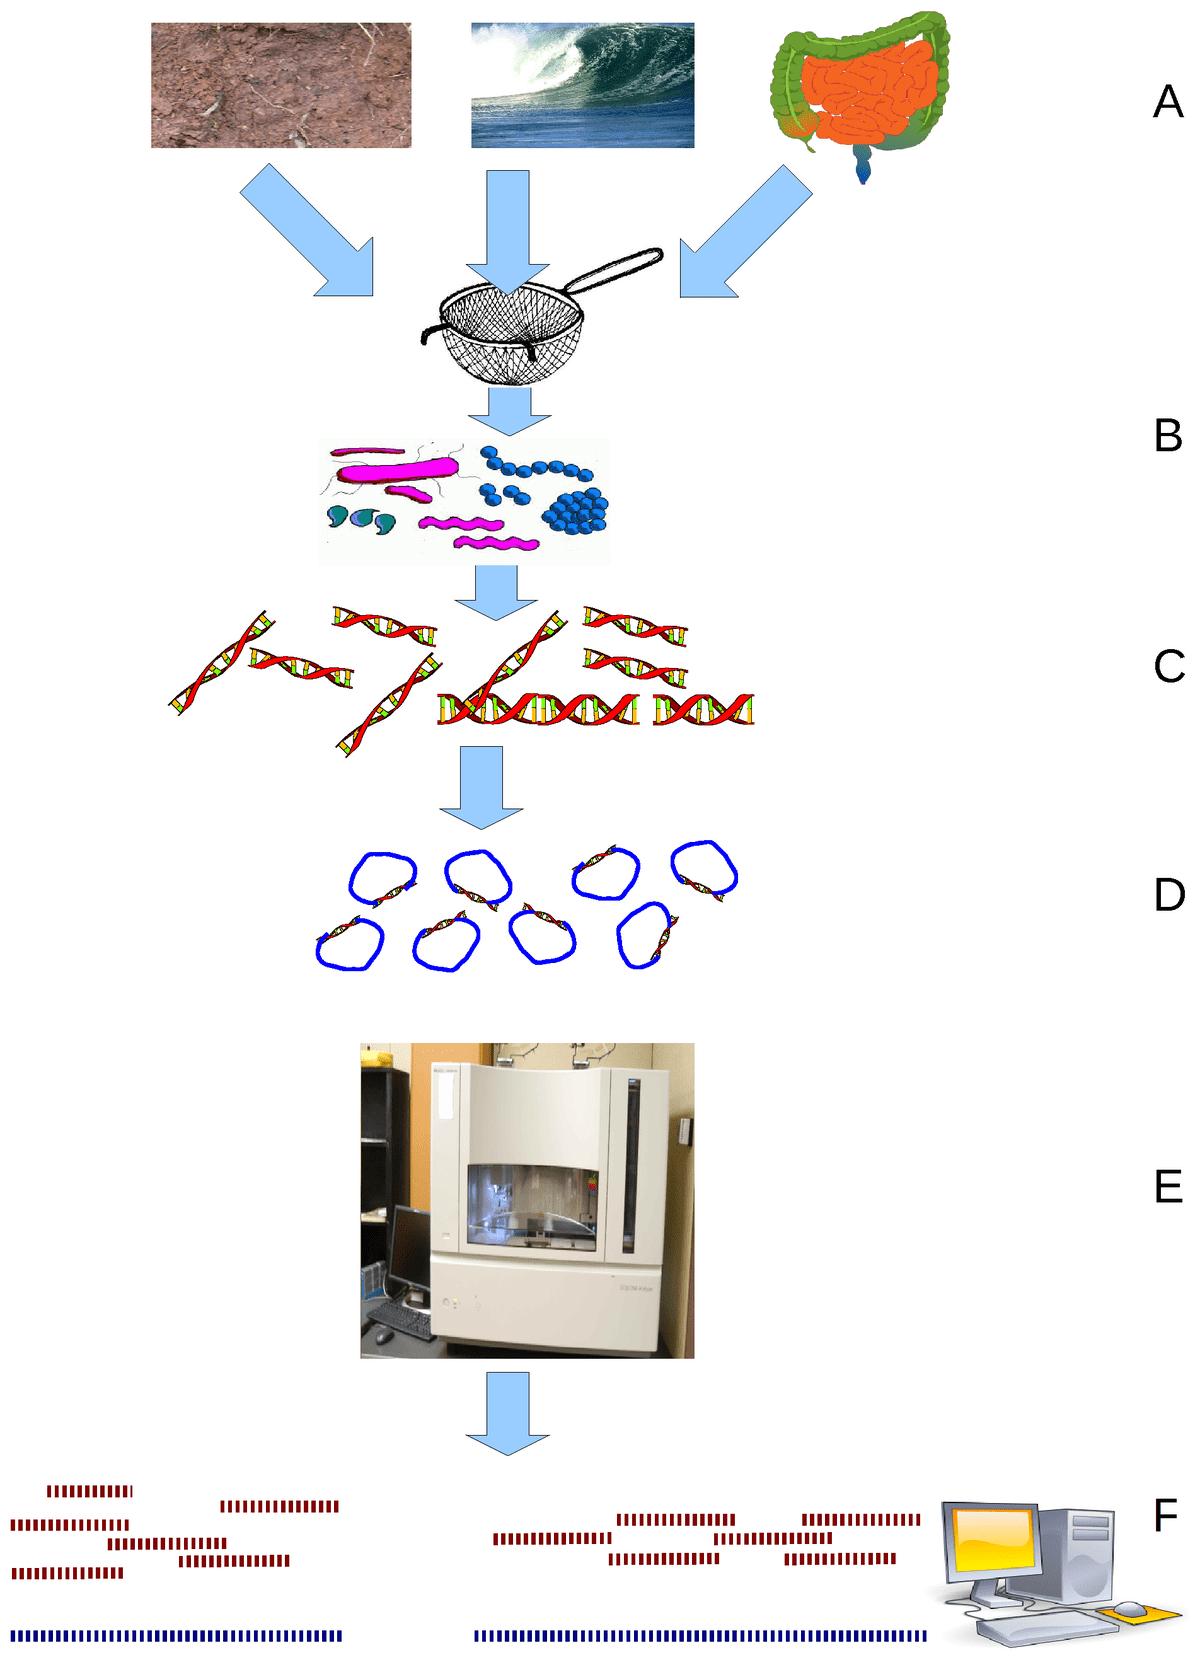 Viral Metagenomics Wikipedia